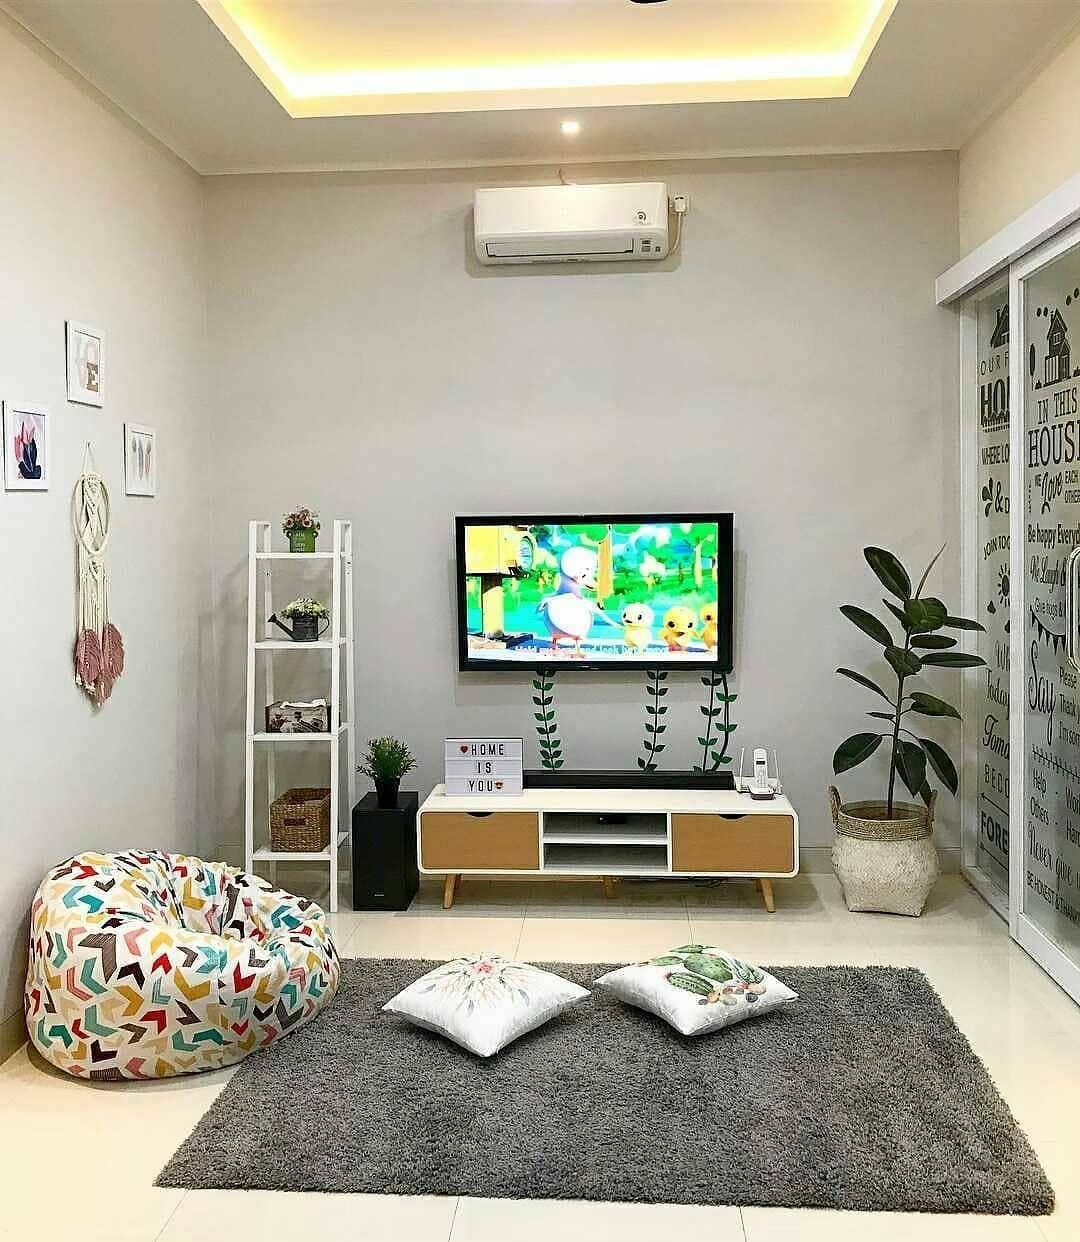 Desain Ruang Tv Sederhana Tanpa Sofa Selonjoran Santuy Bang Izal Toy